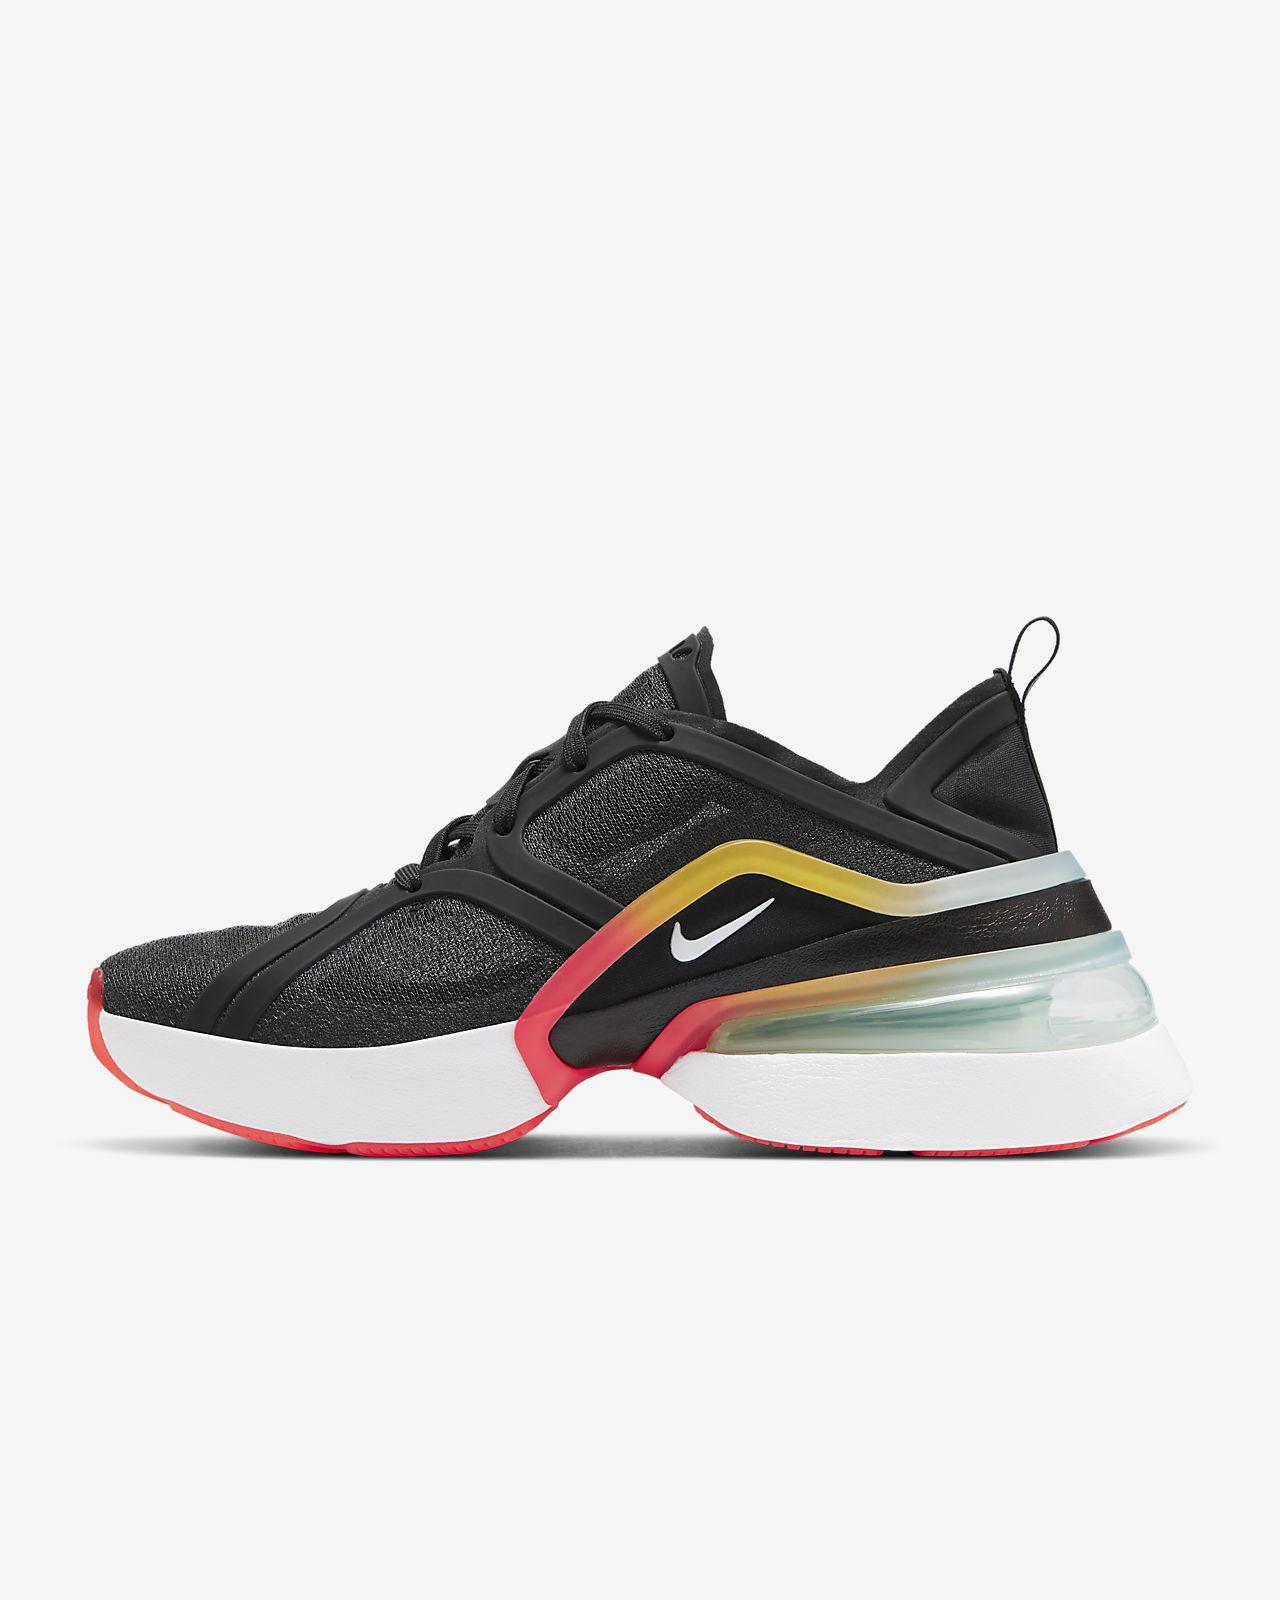 Γυναικείο παπούτσι Nike Air Max 270 XX